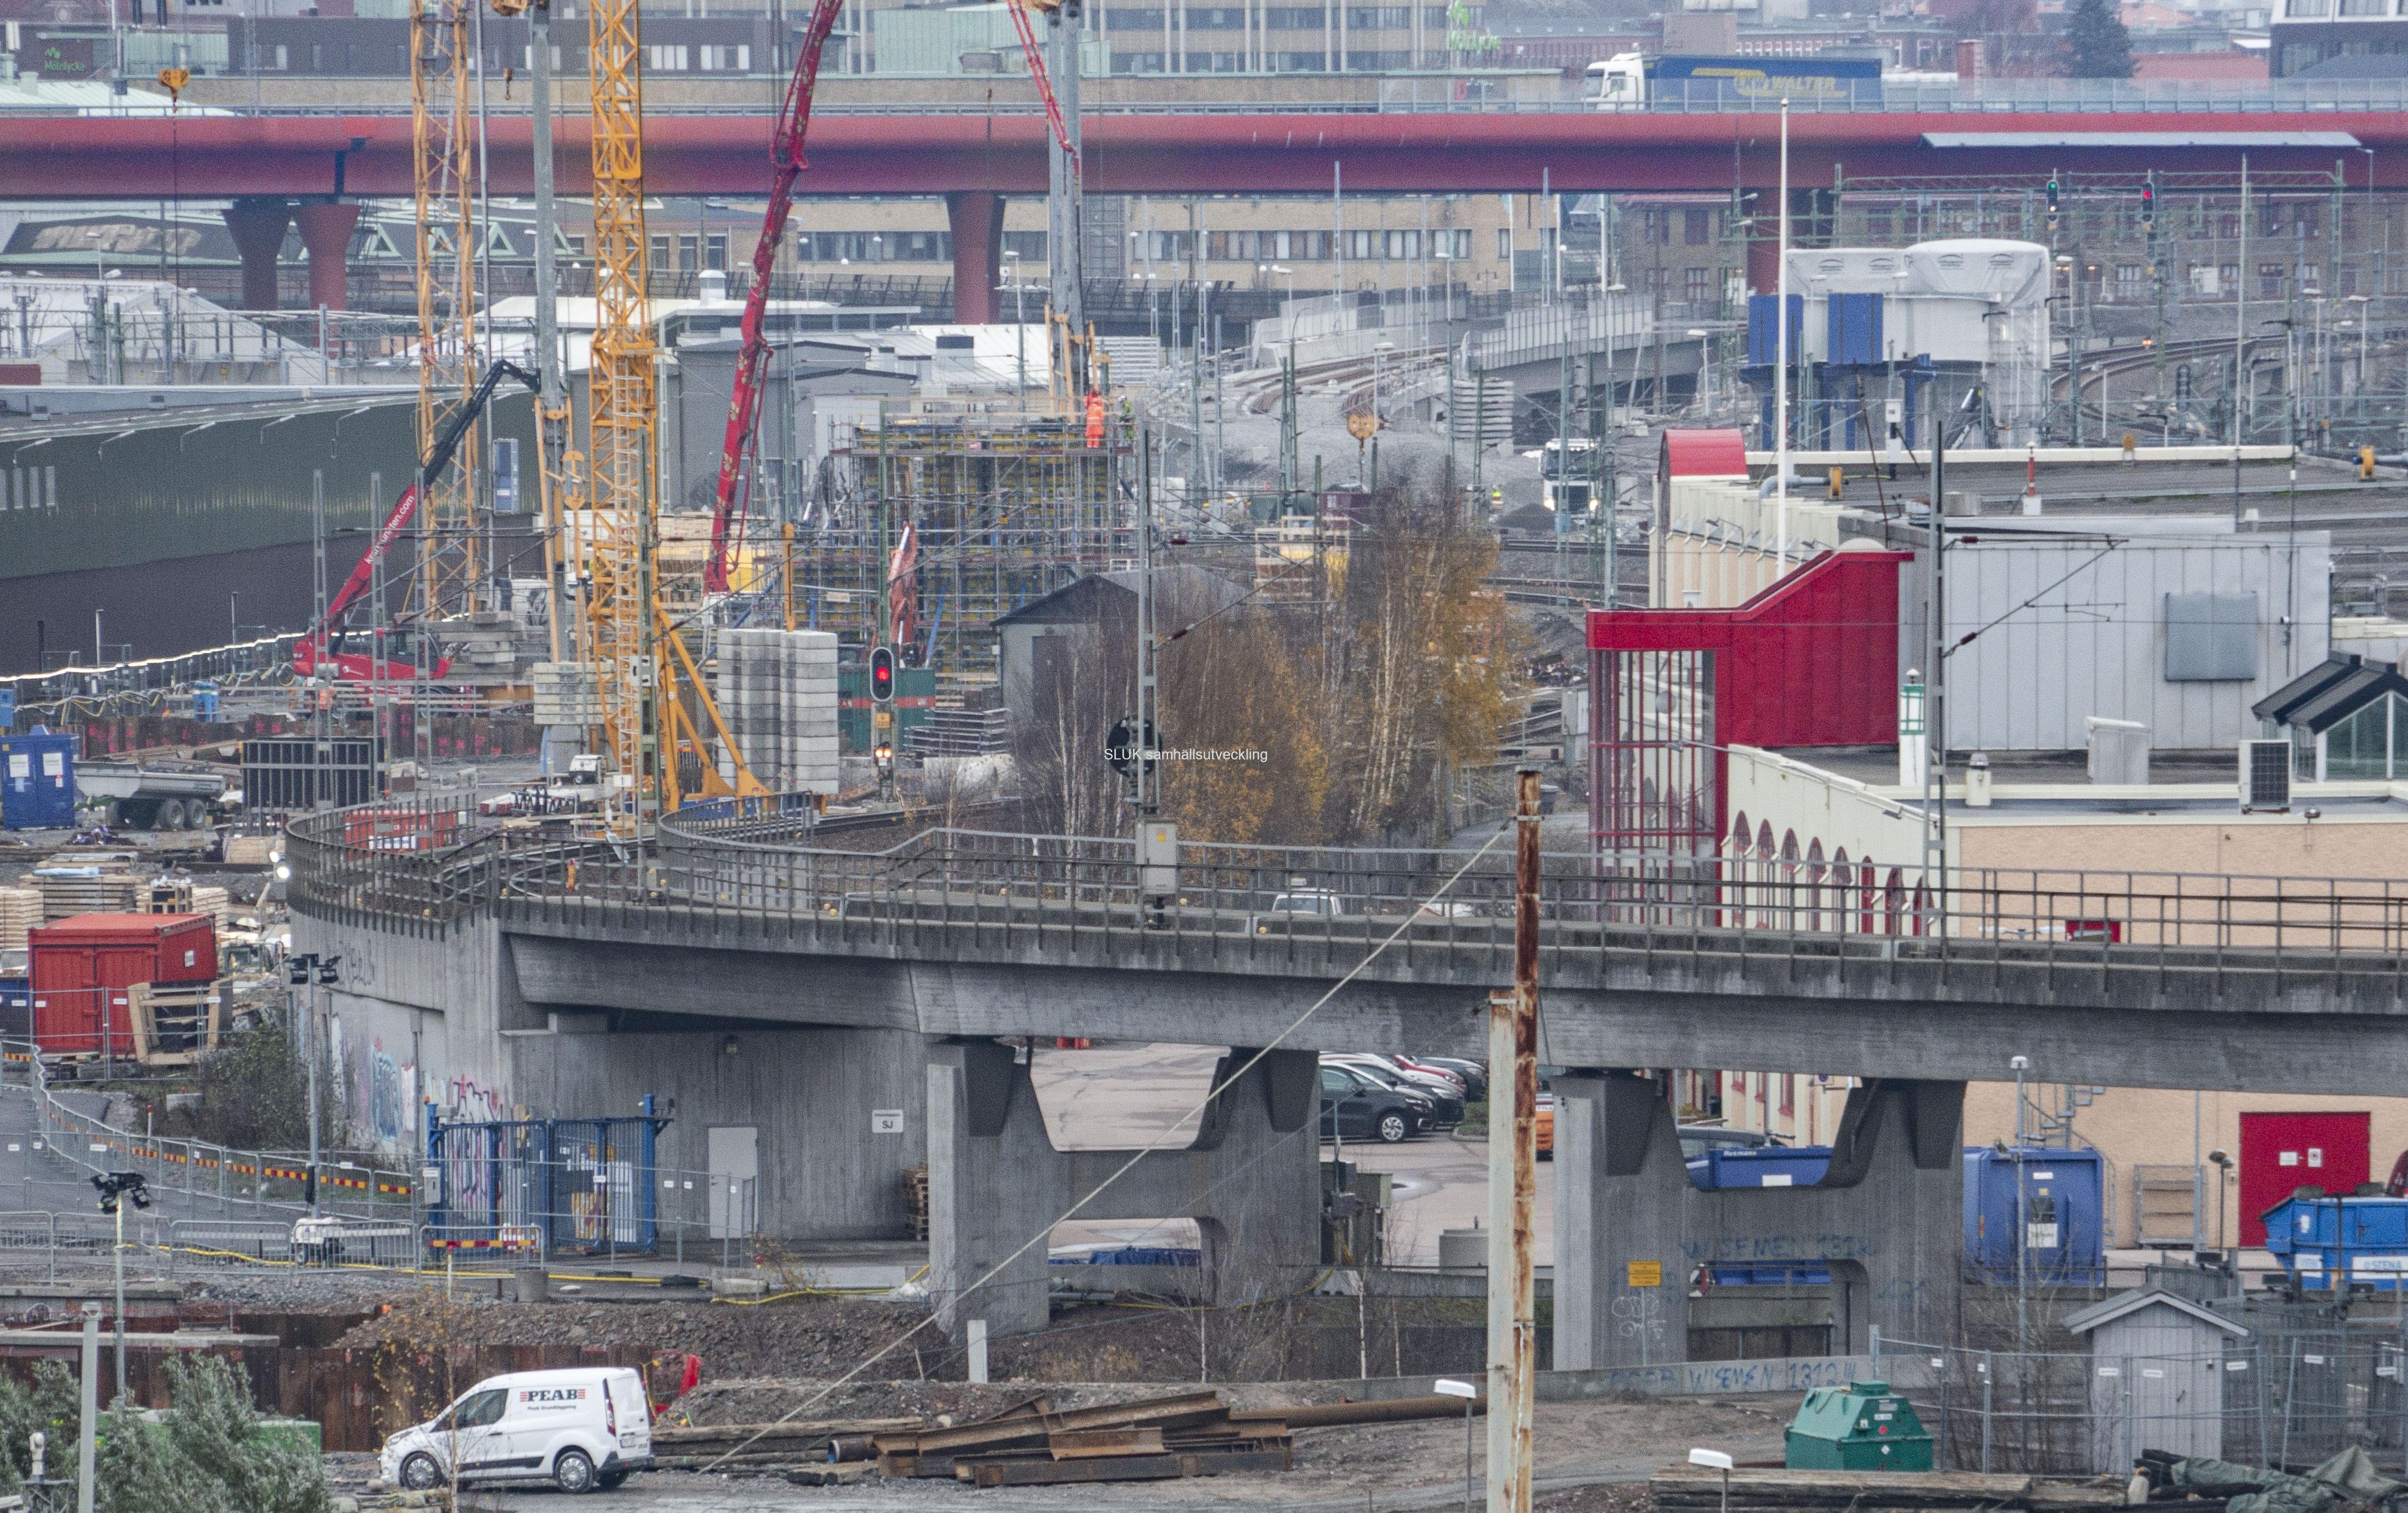 Här ser man en stor del av byggnadsplatsen Olskroken. Det är från Skansen Lejonet mot Partihallsförbildelsen.